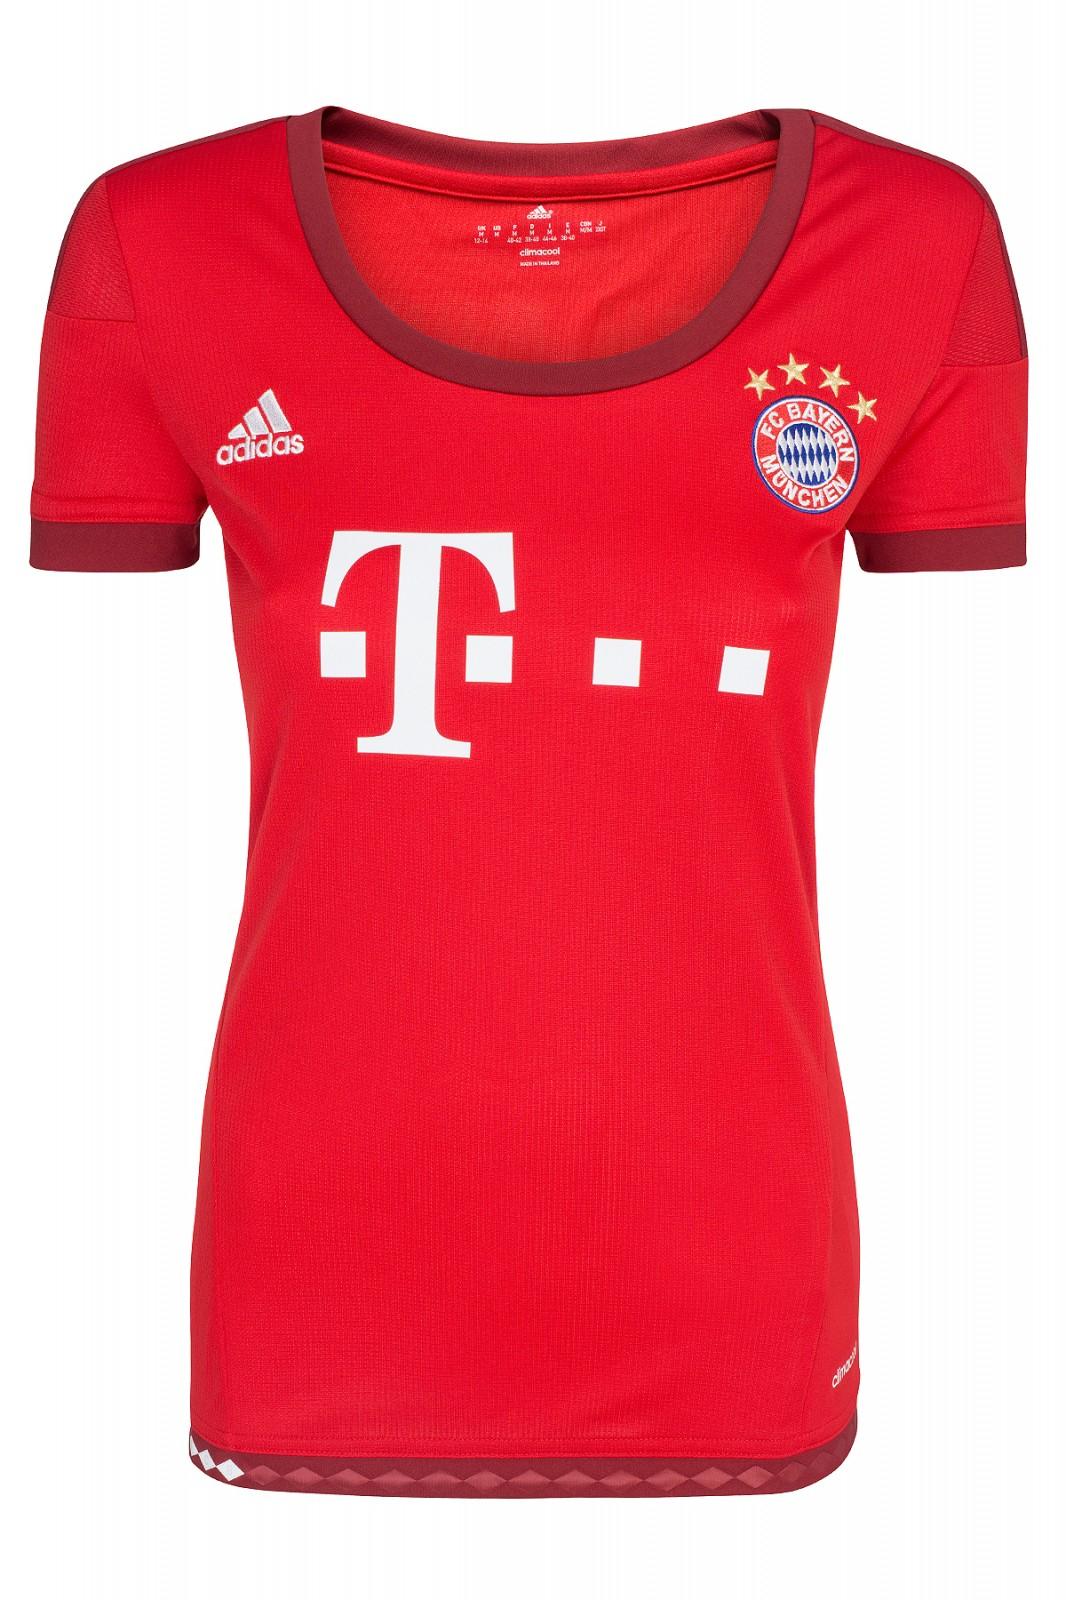 Adidas Performance FC Bayern München Heim Jersey (Damen) rot jetzt für 7,99€ @Outlet46 *Update*